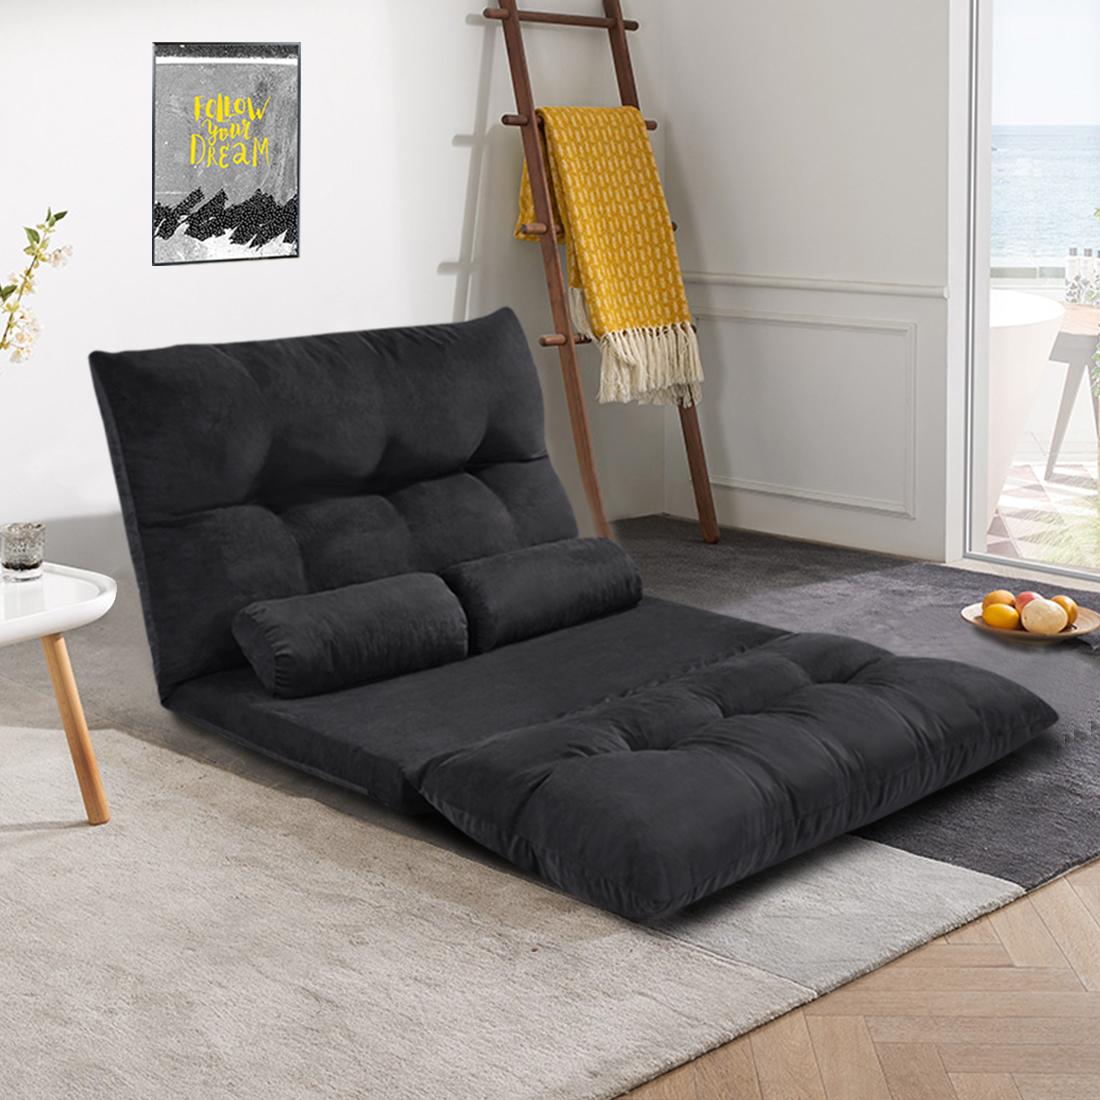 sofa-futon-1